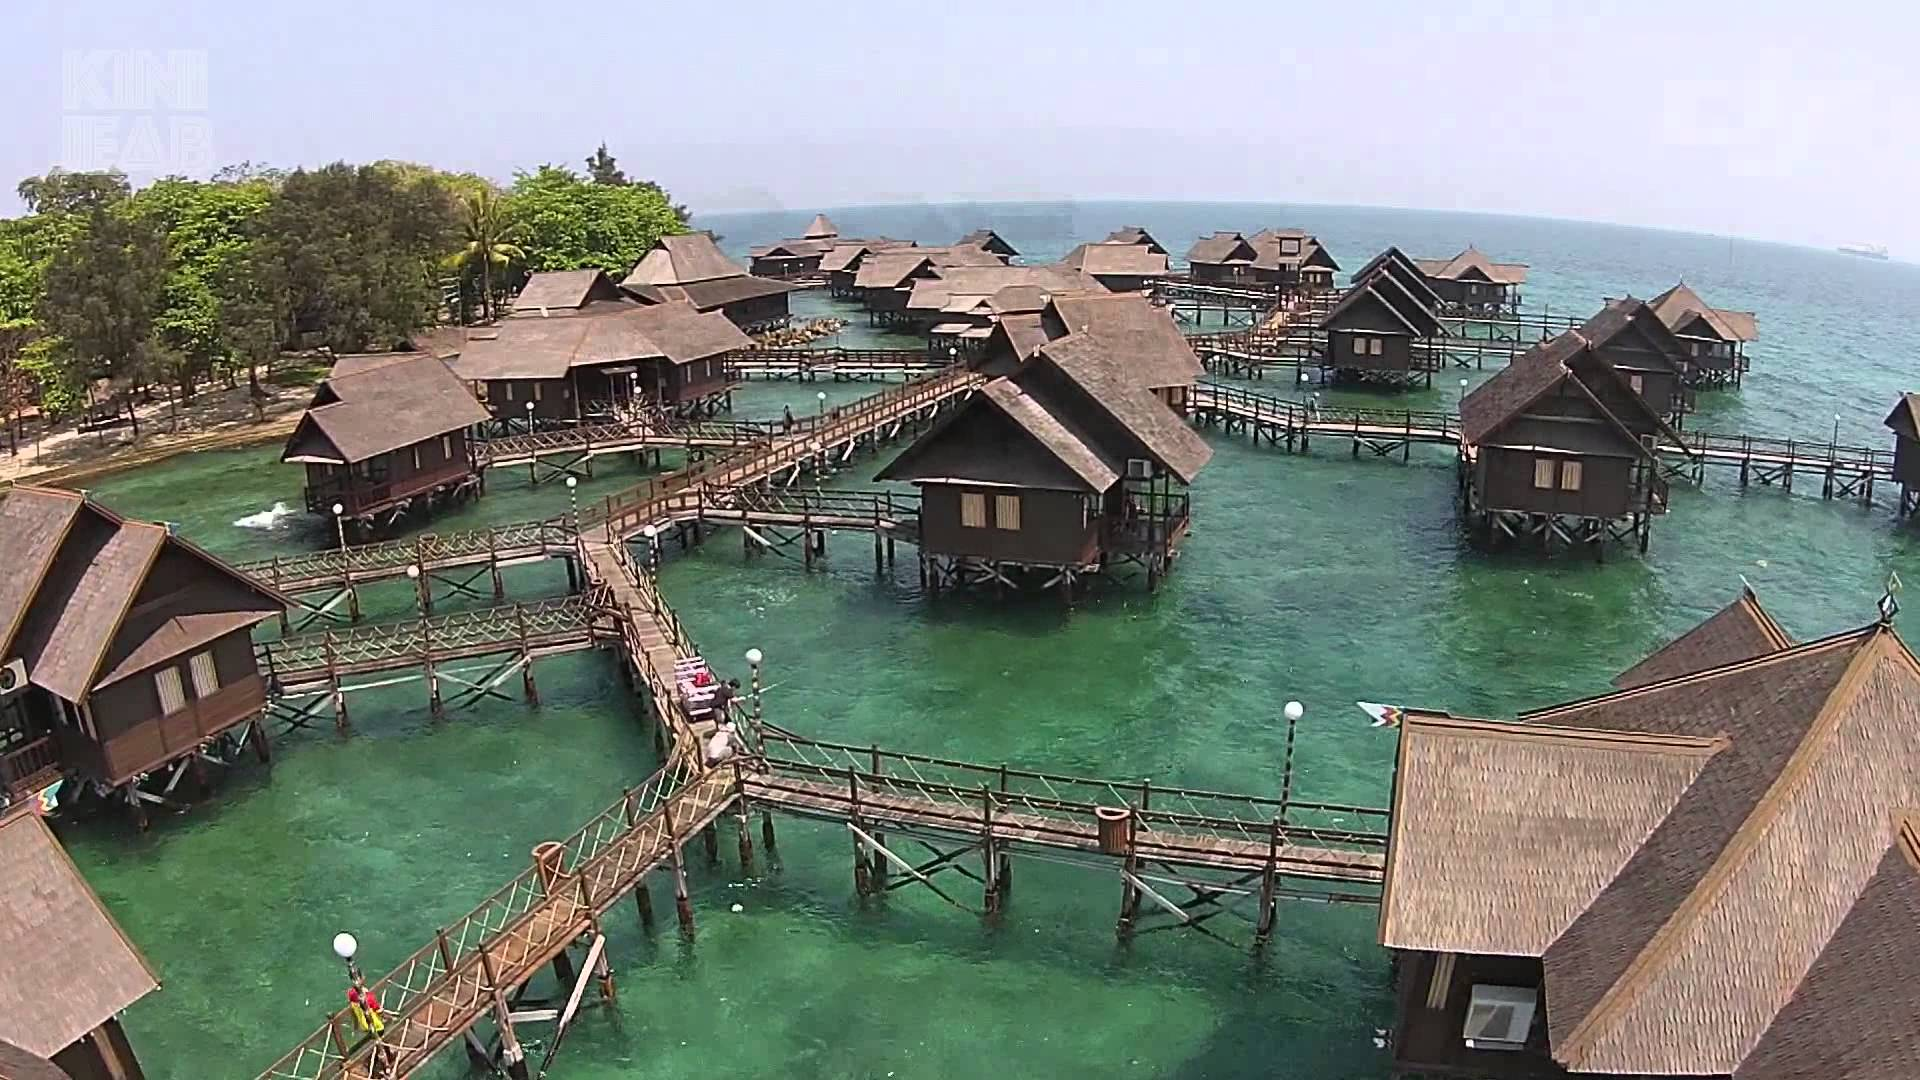 12 Tempat Wisata Pulau Seribu Terbaik Yang Wajib Dikunjungi